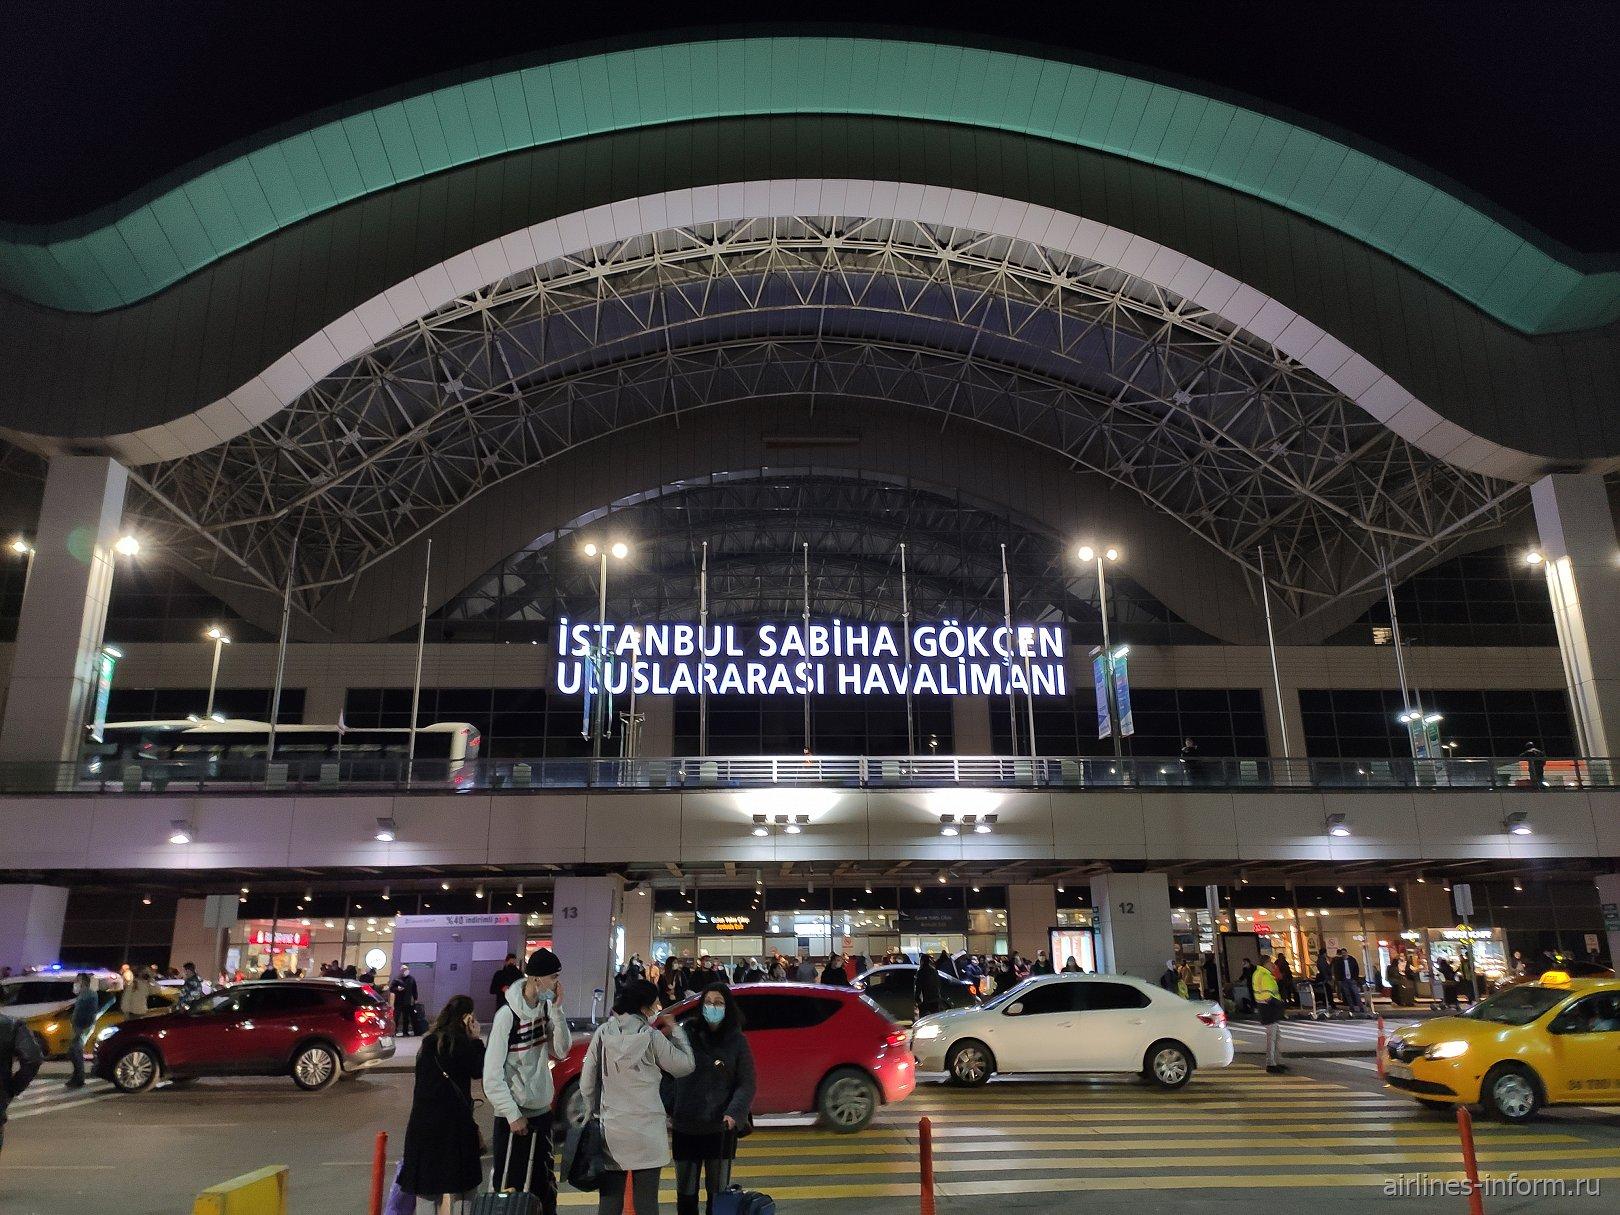 Вид на пассажирский терминал стамбульского аэропорта имени Сабихи Гёкчен